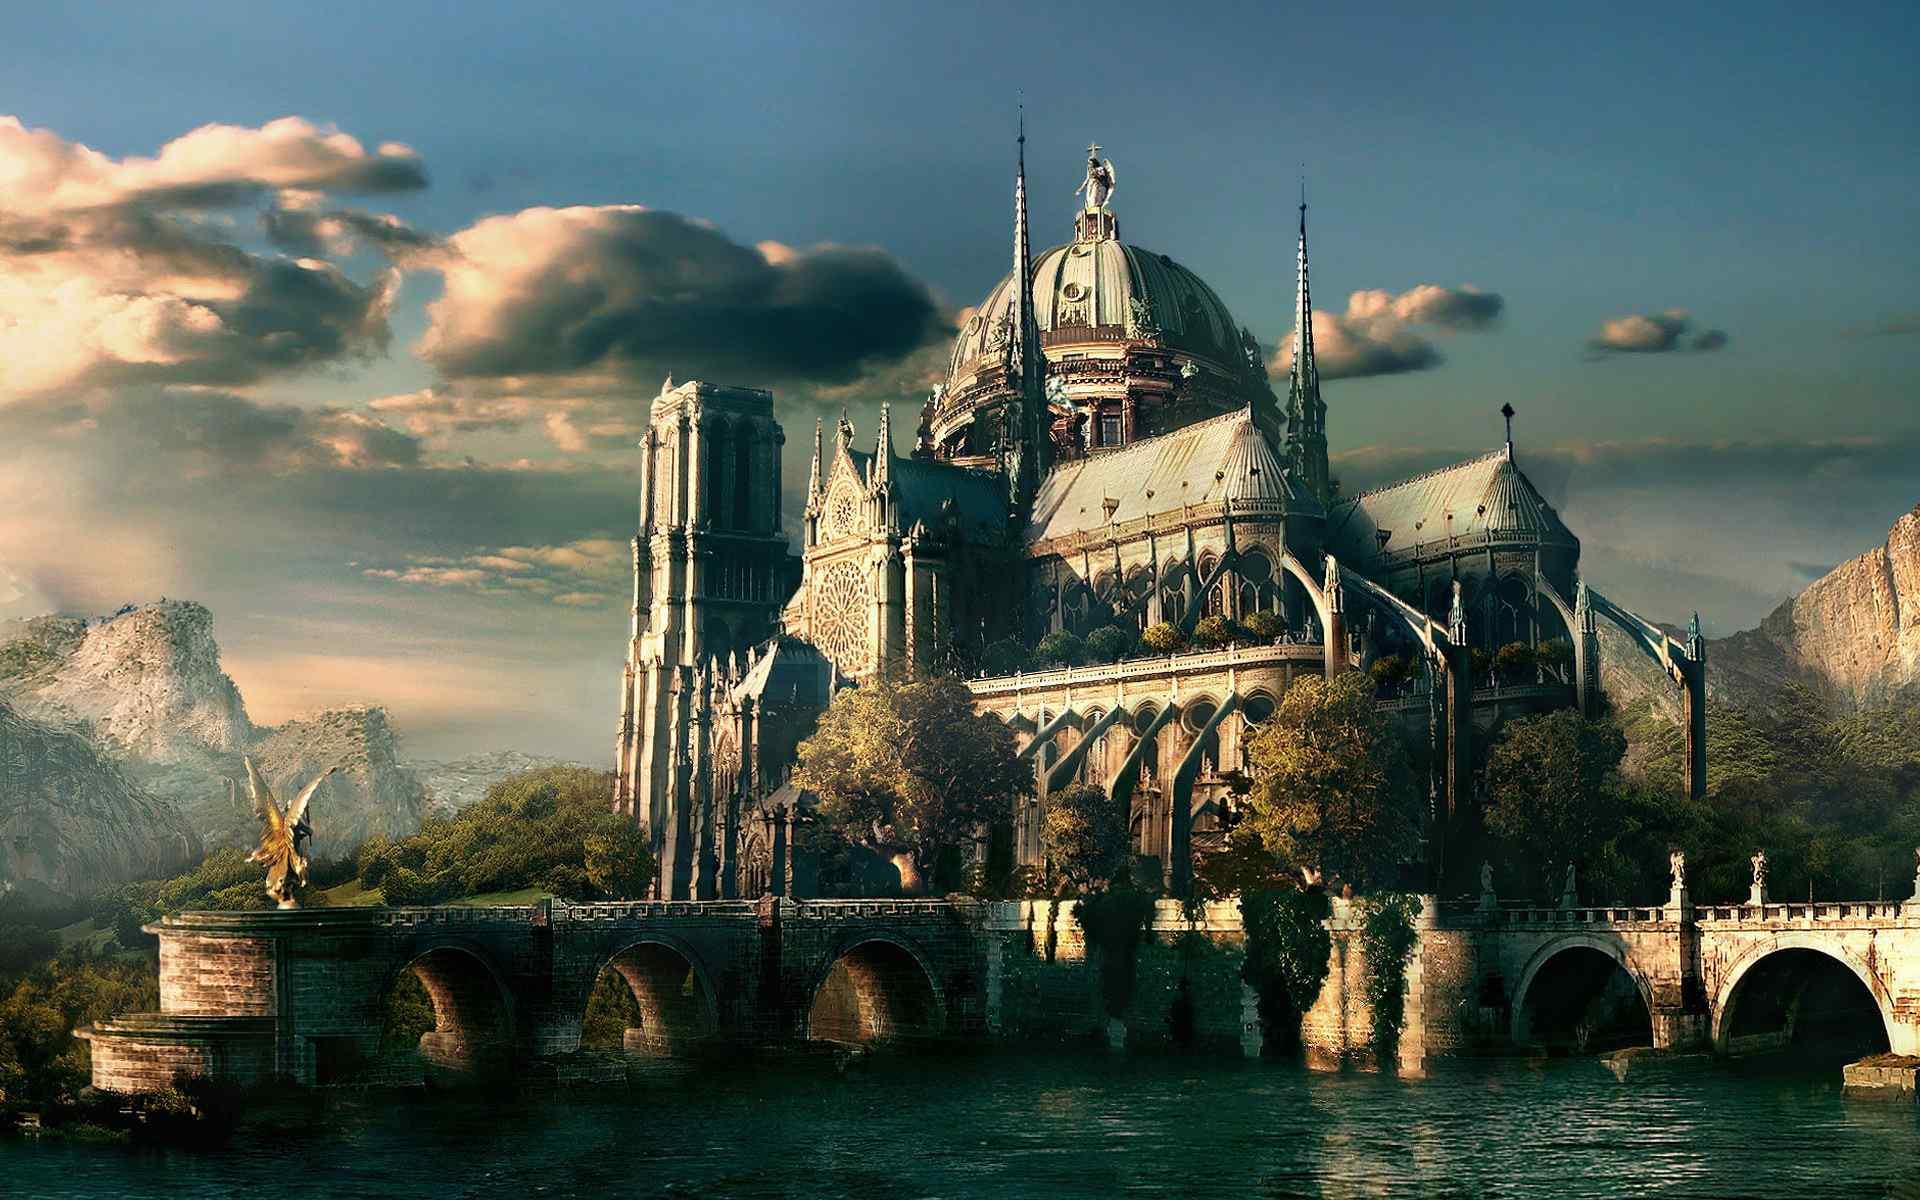 梦幻城堡雄伟壮观高清壁纸